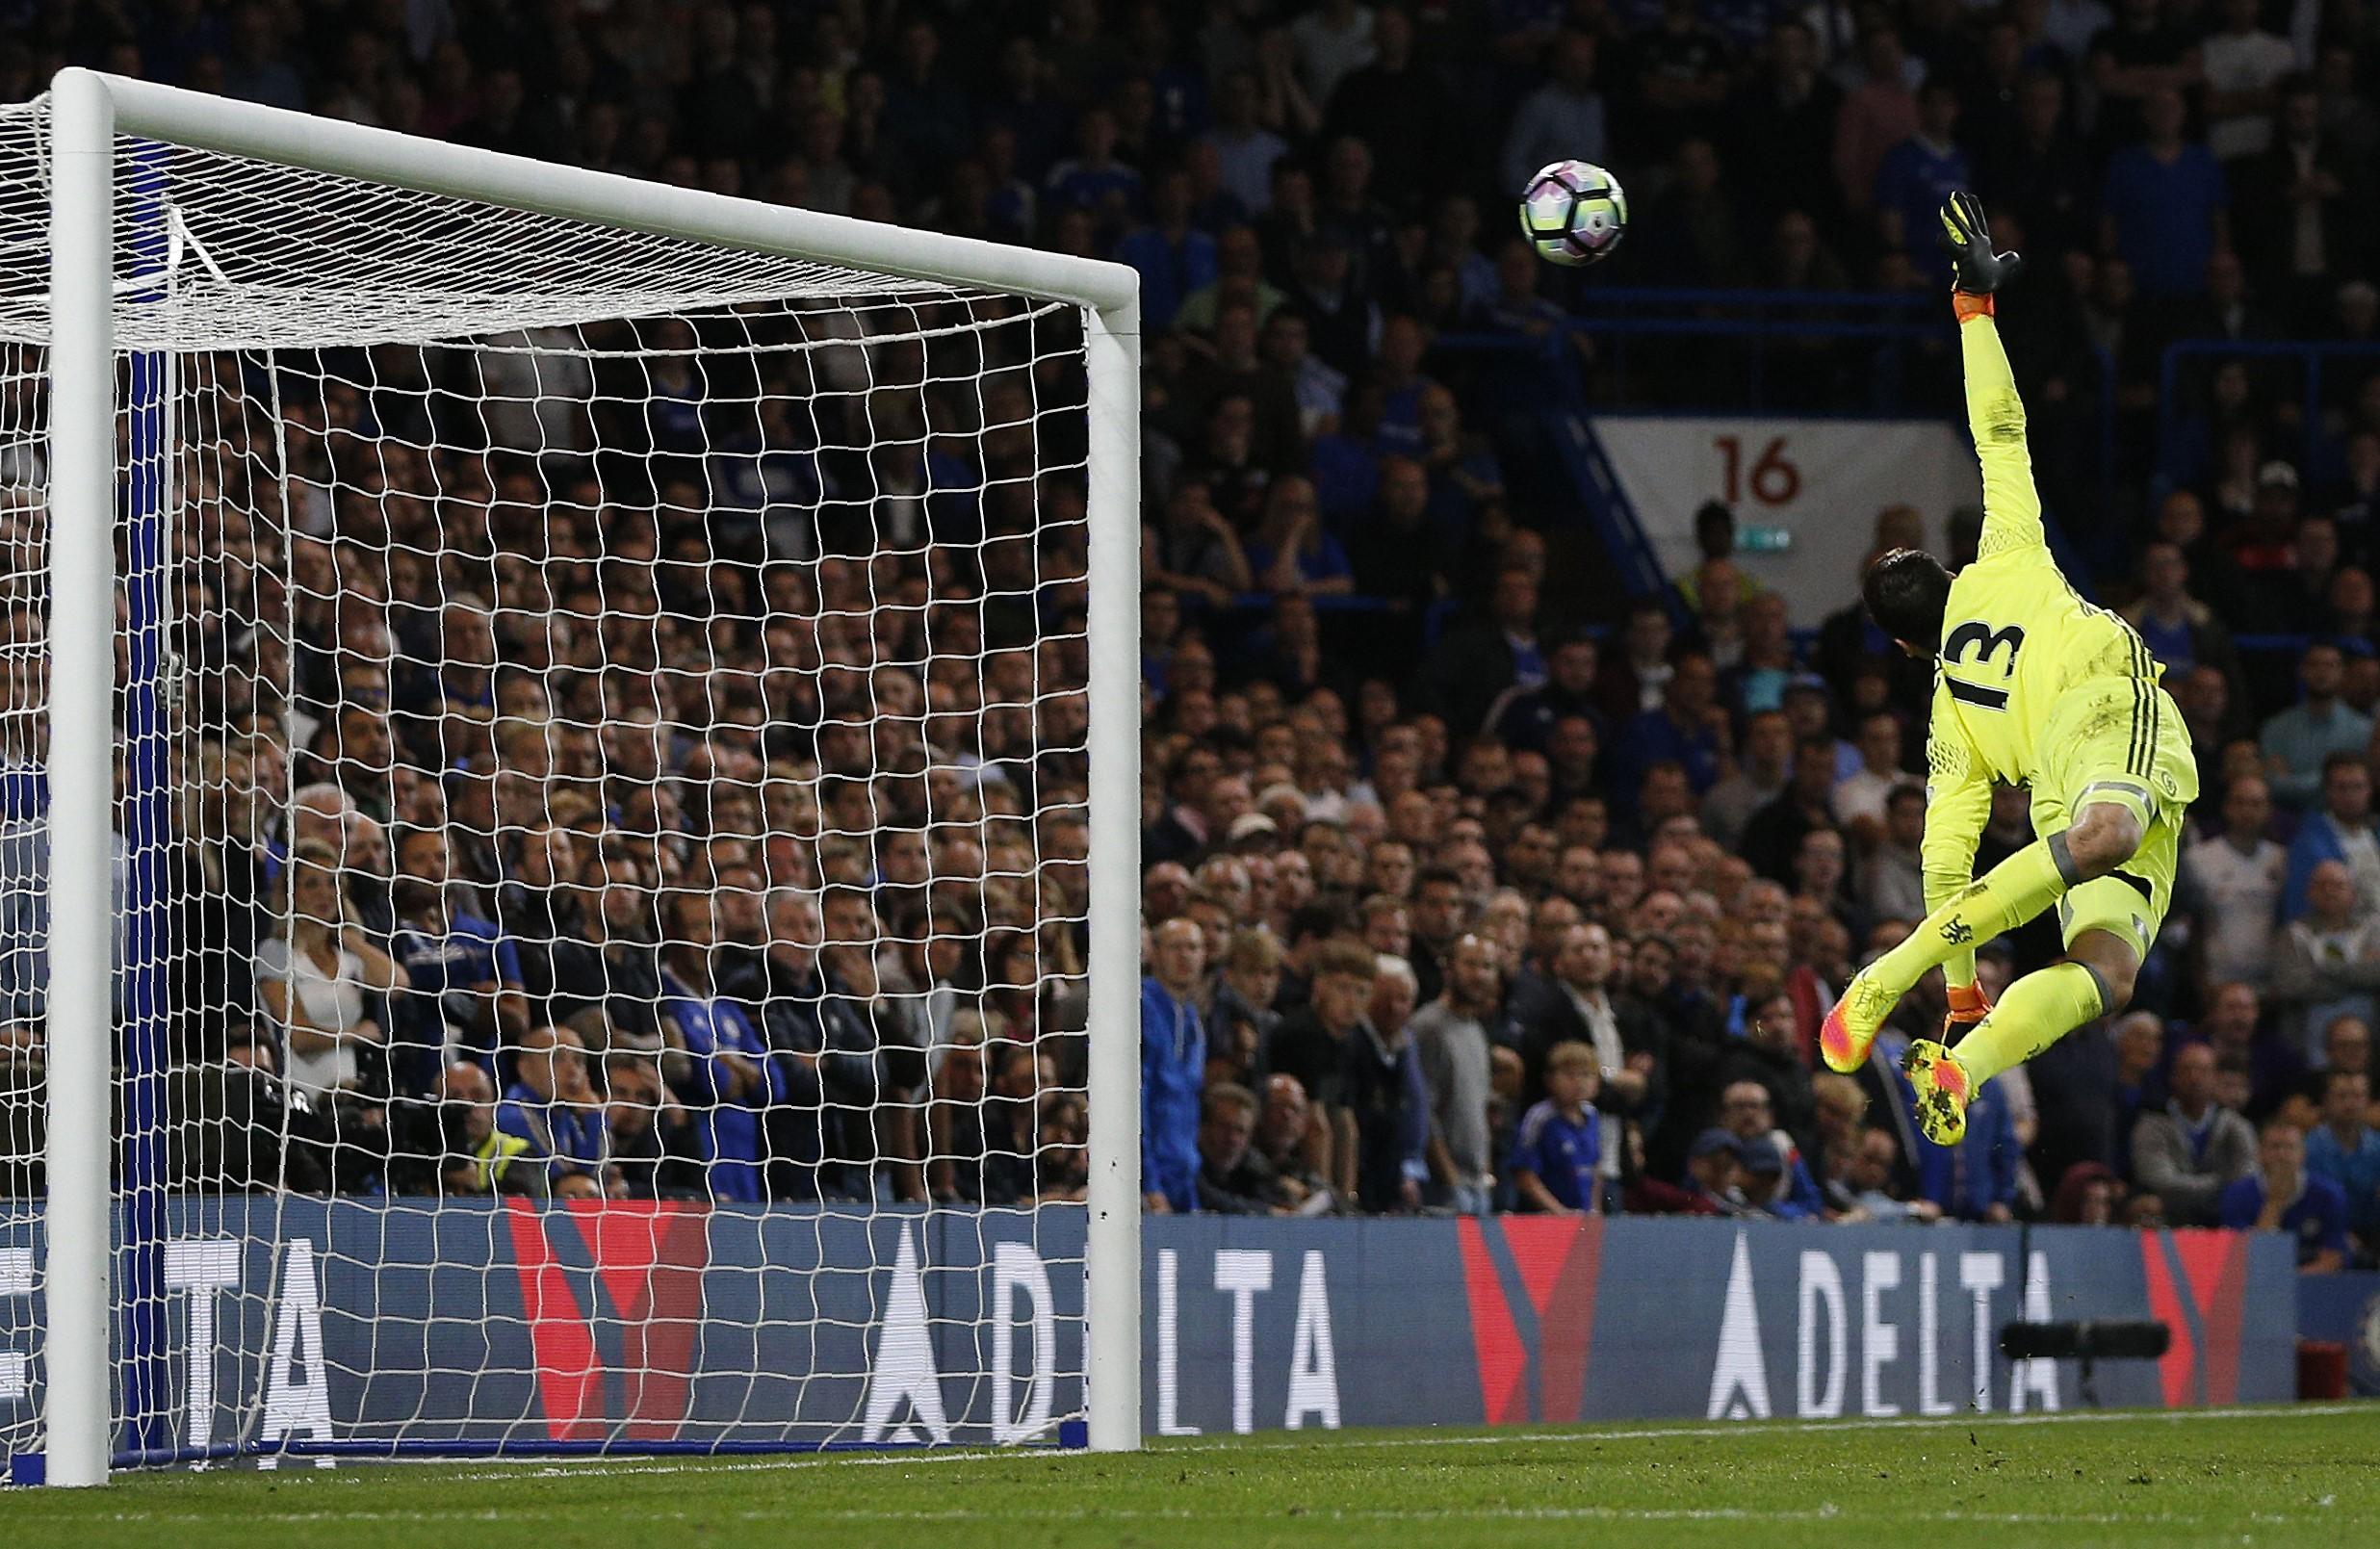 Джордан Хендерсон забивает в ворота Тибо Куртуа в матче «Челси» – «Ливерпуль»